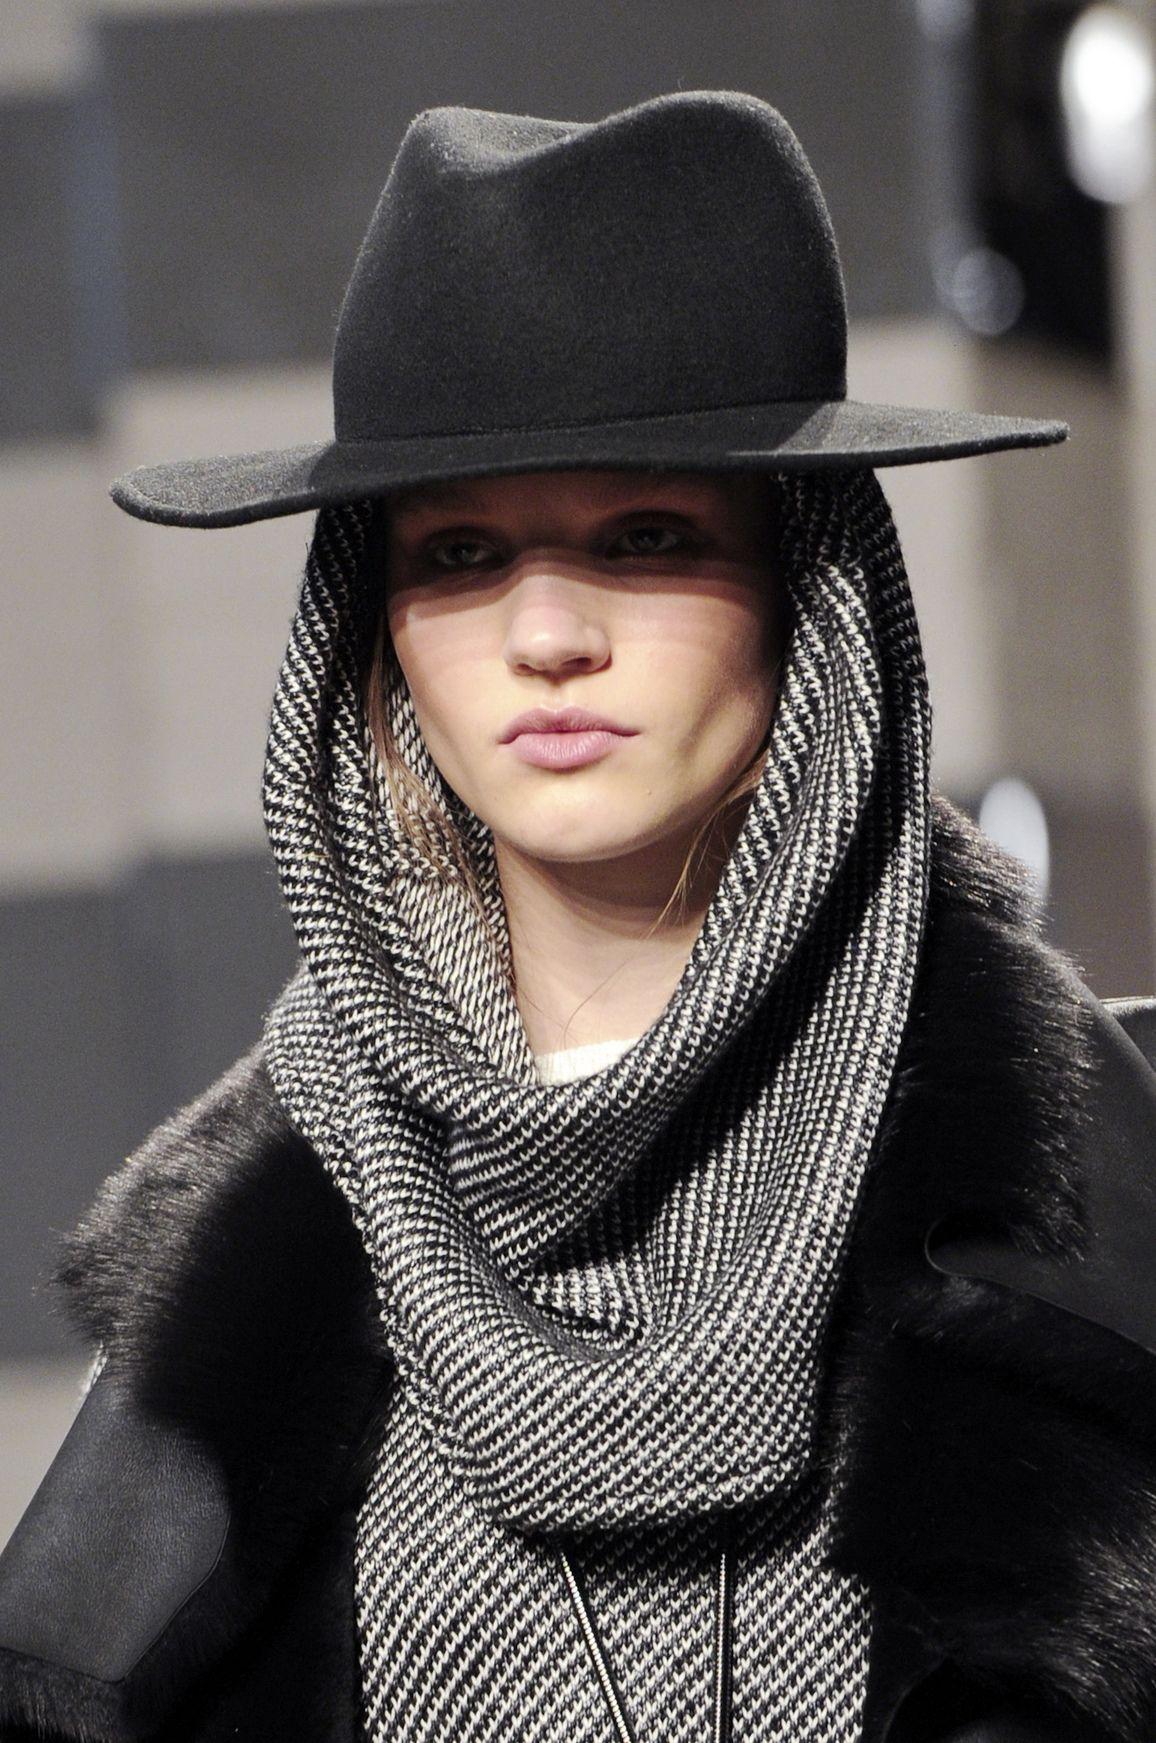 Любимая шляпа может не ждать до весны, если носить ее с капюшоном